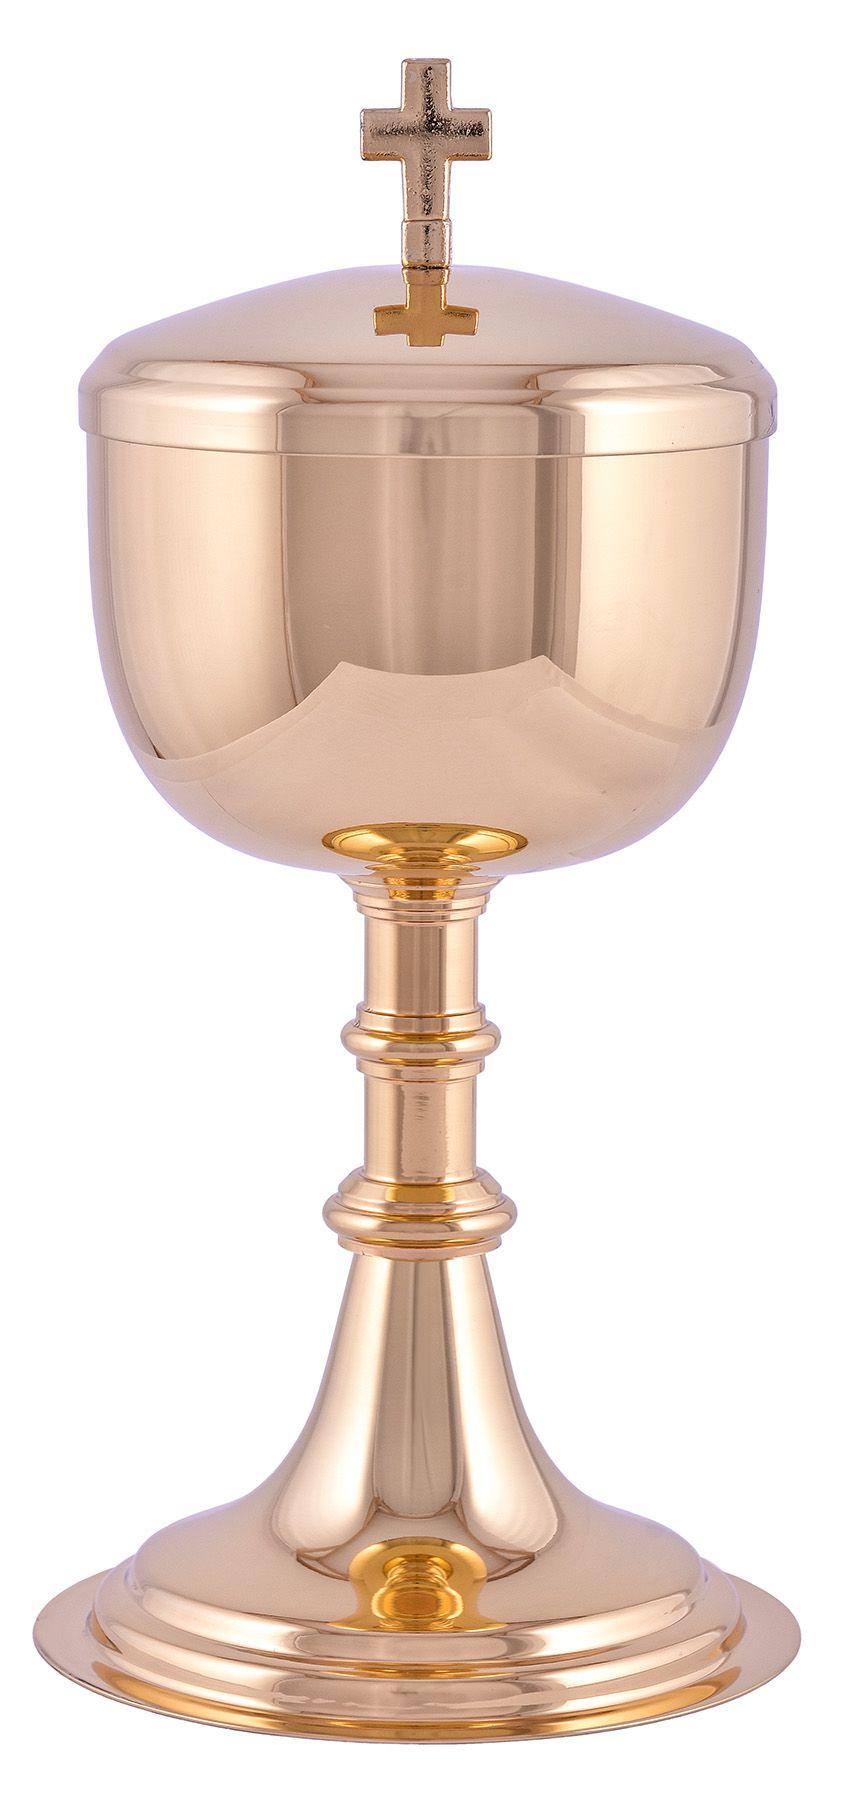 Âmbula Dourada 9020